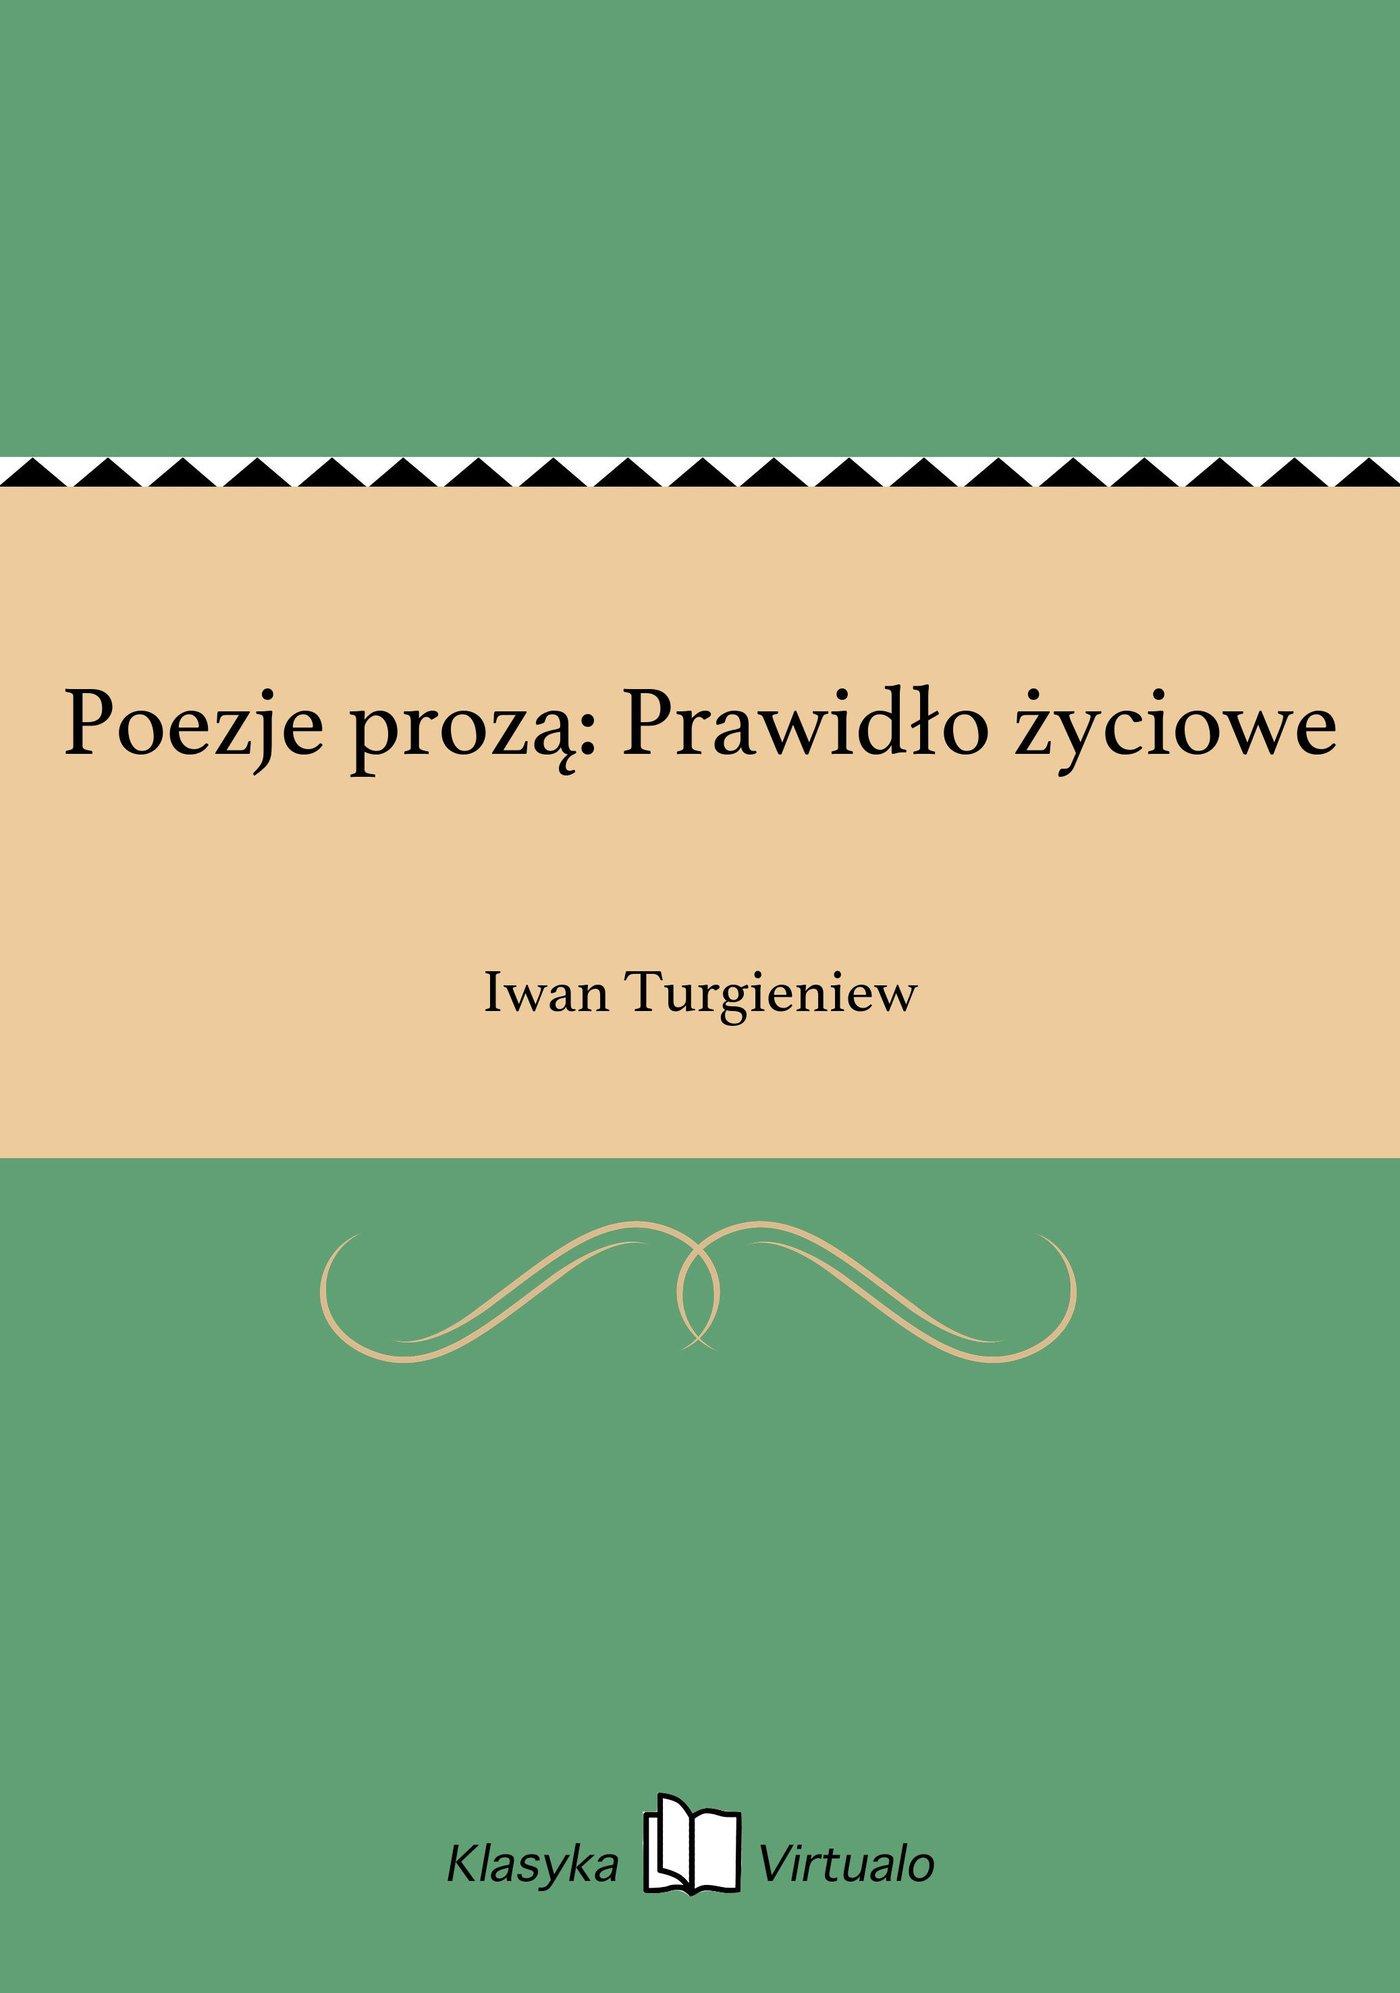 Poezje prozą: Prawidło życiowe - Ebook (Książka EPUB) do pobrania w formacie EPUB